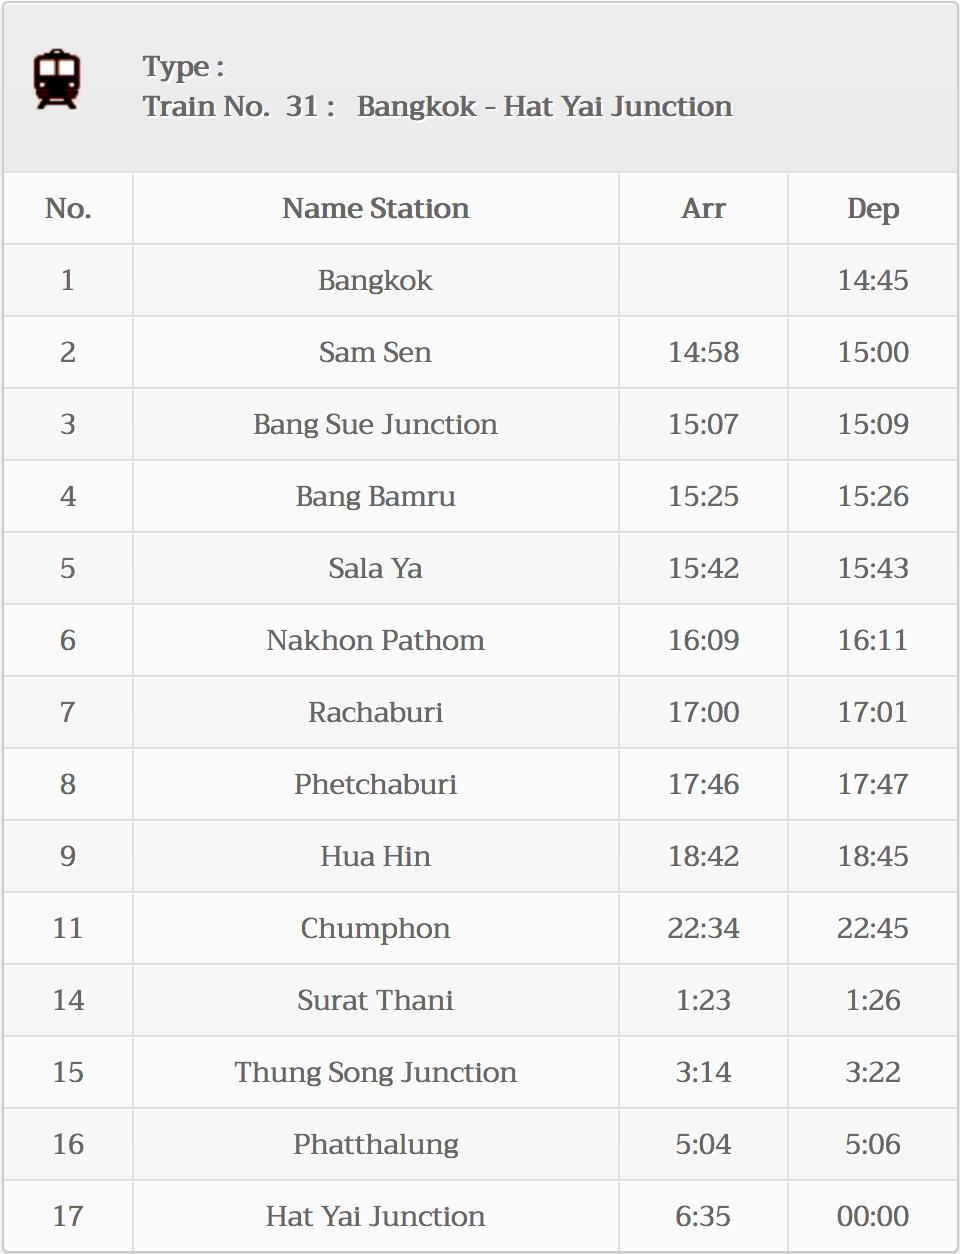 train-31-bangkok-to-hat-yai-timetable.png